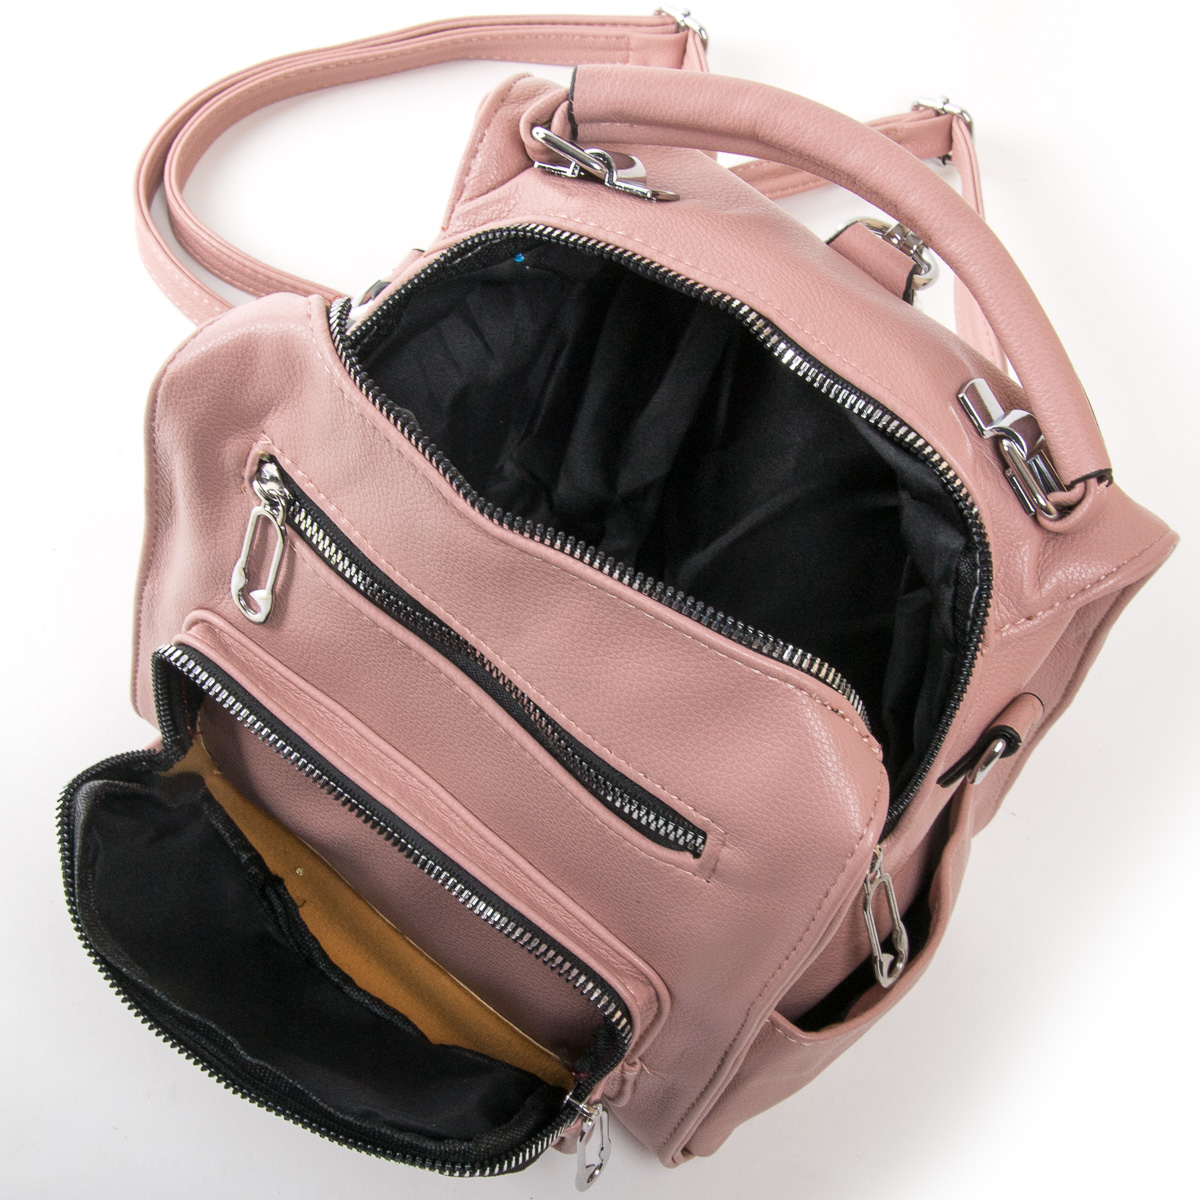 Сумка Женская Классическая иск-кожа FASHION 01-01 0464 pink - фото 5